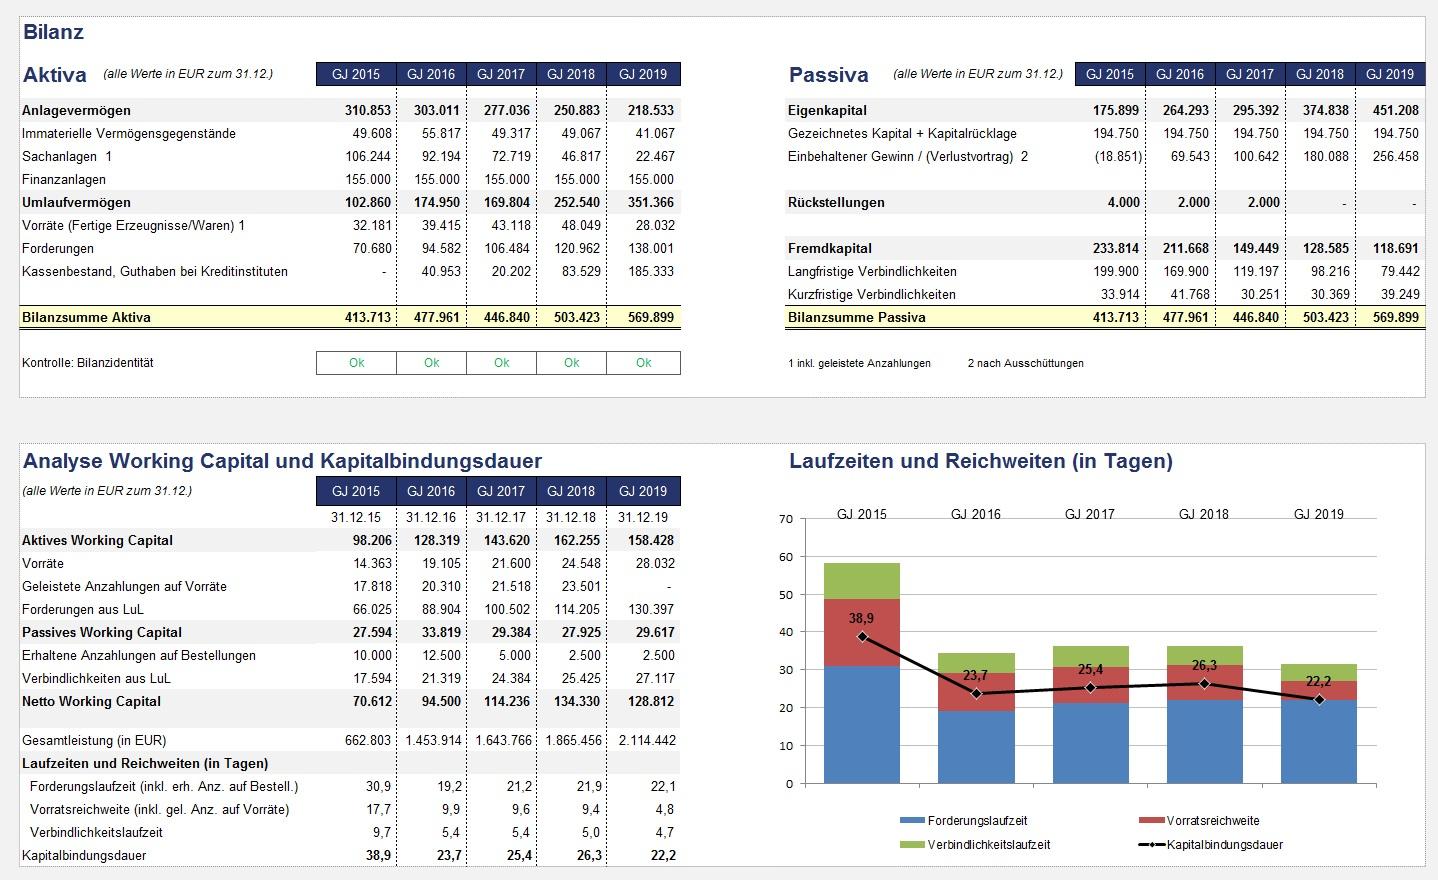 guv kennzahlen bilanz erstellt das tool automatisch - Finanzplan Beispiel